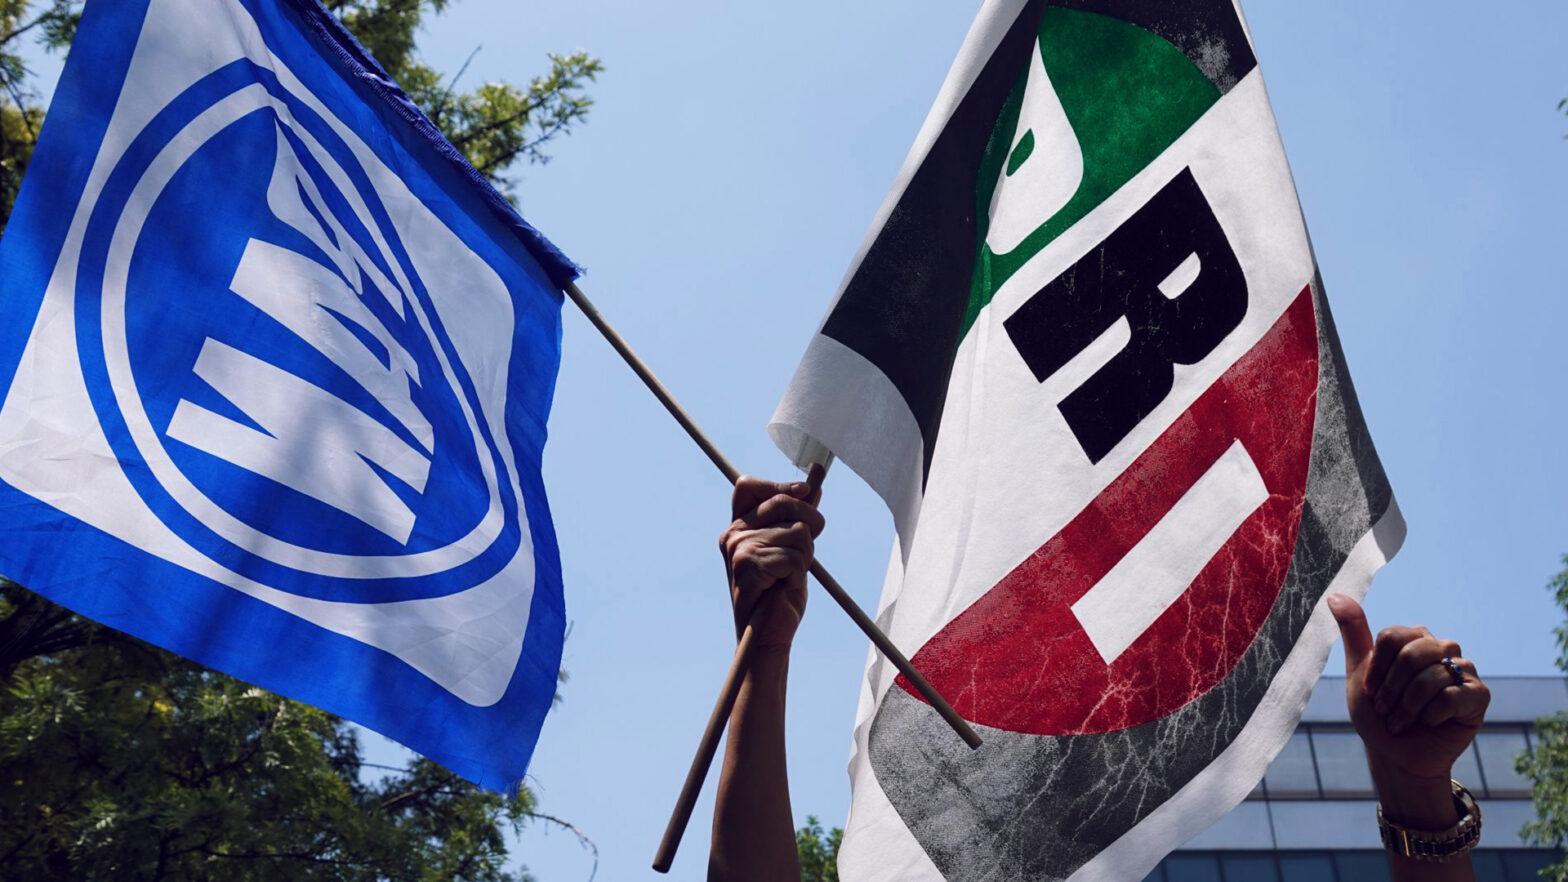 Banderas del PAN y PRI